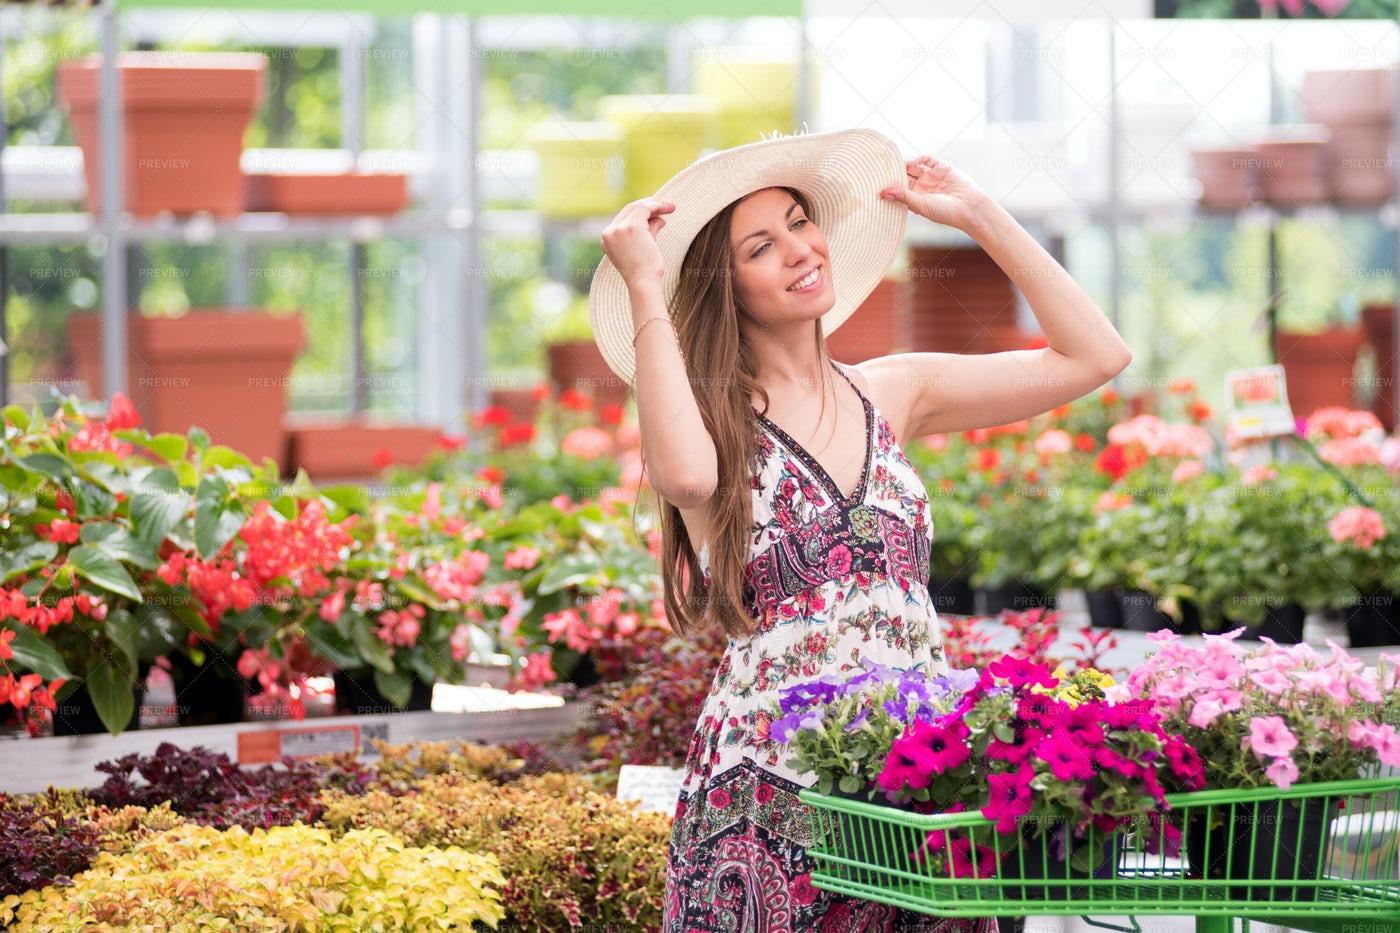 Woman Shopping In A Nursery: Stock Photos